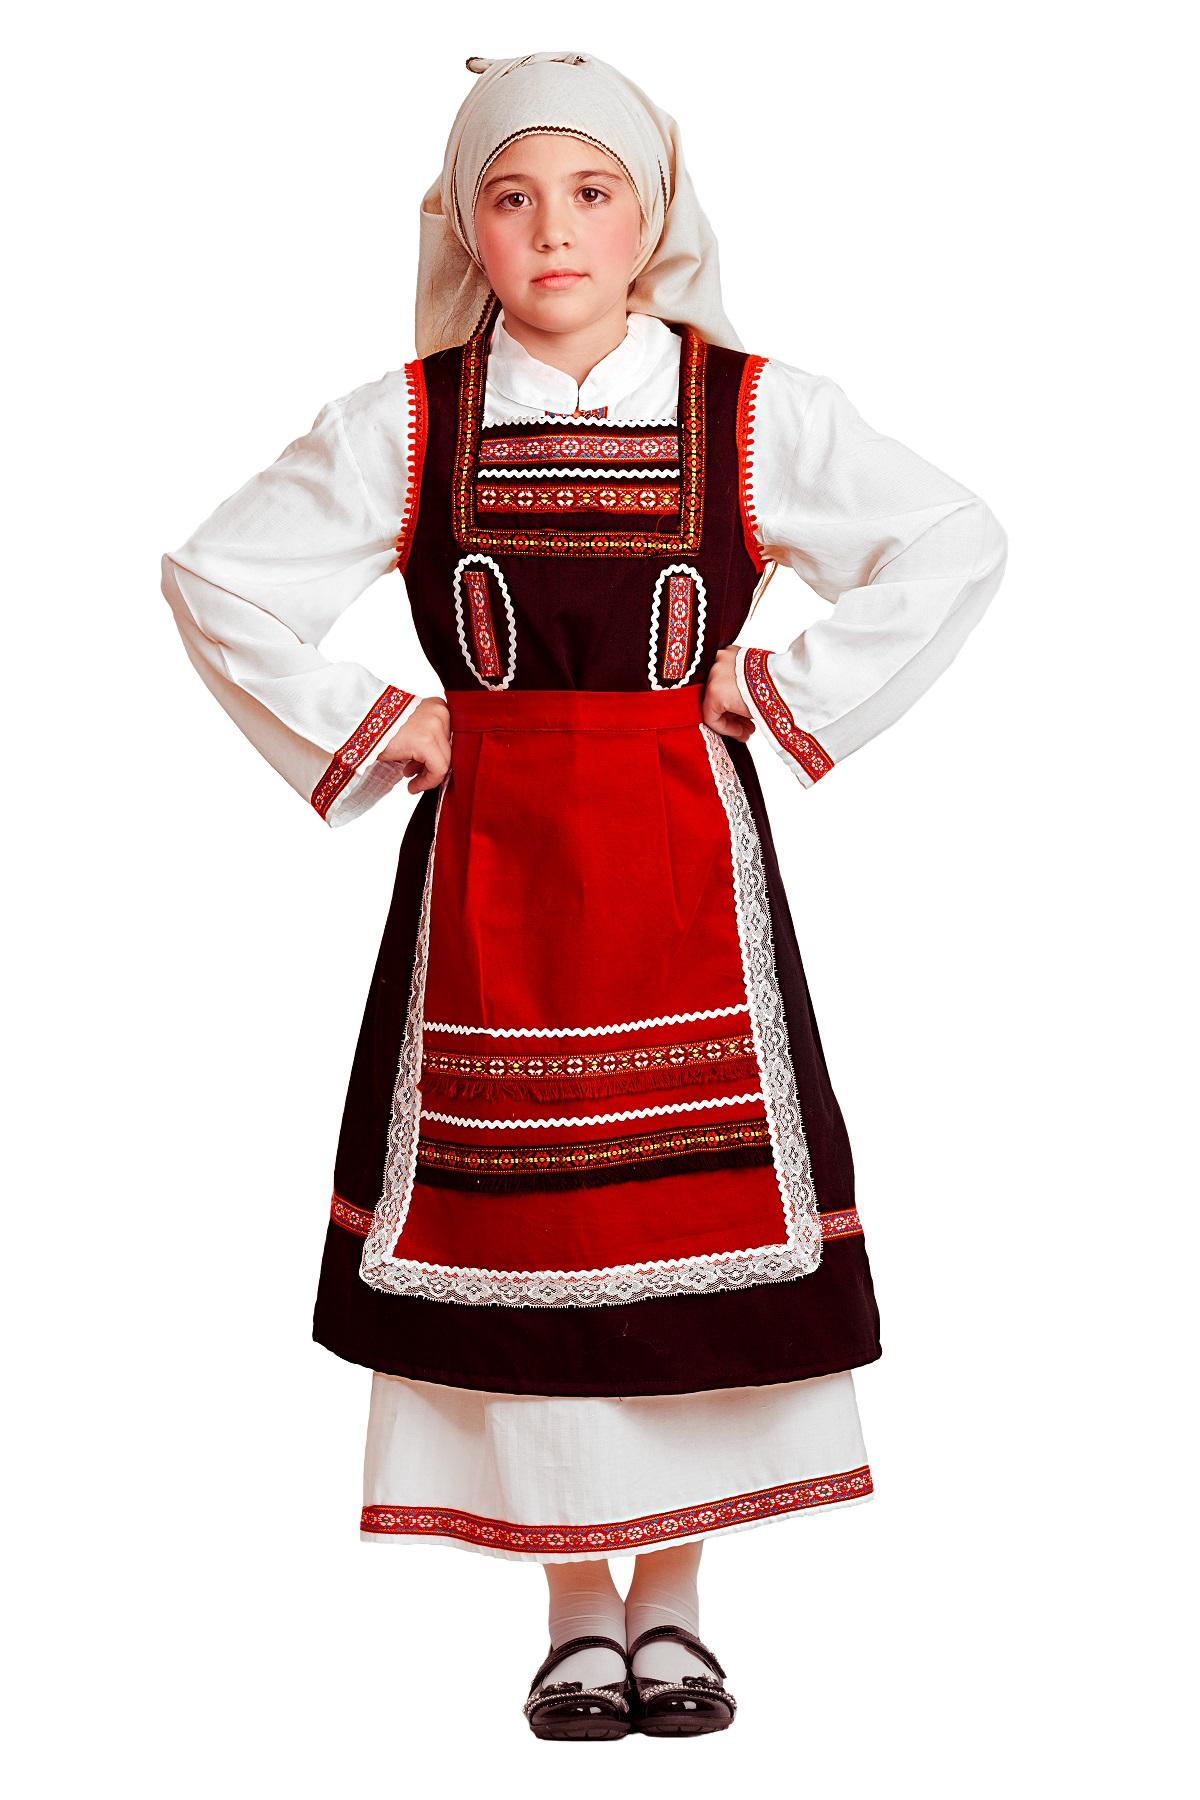 Παραδοσιακη φορεσια Θρακης No 12-14